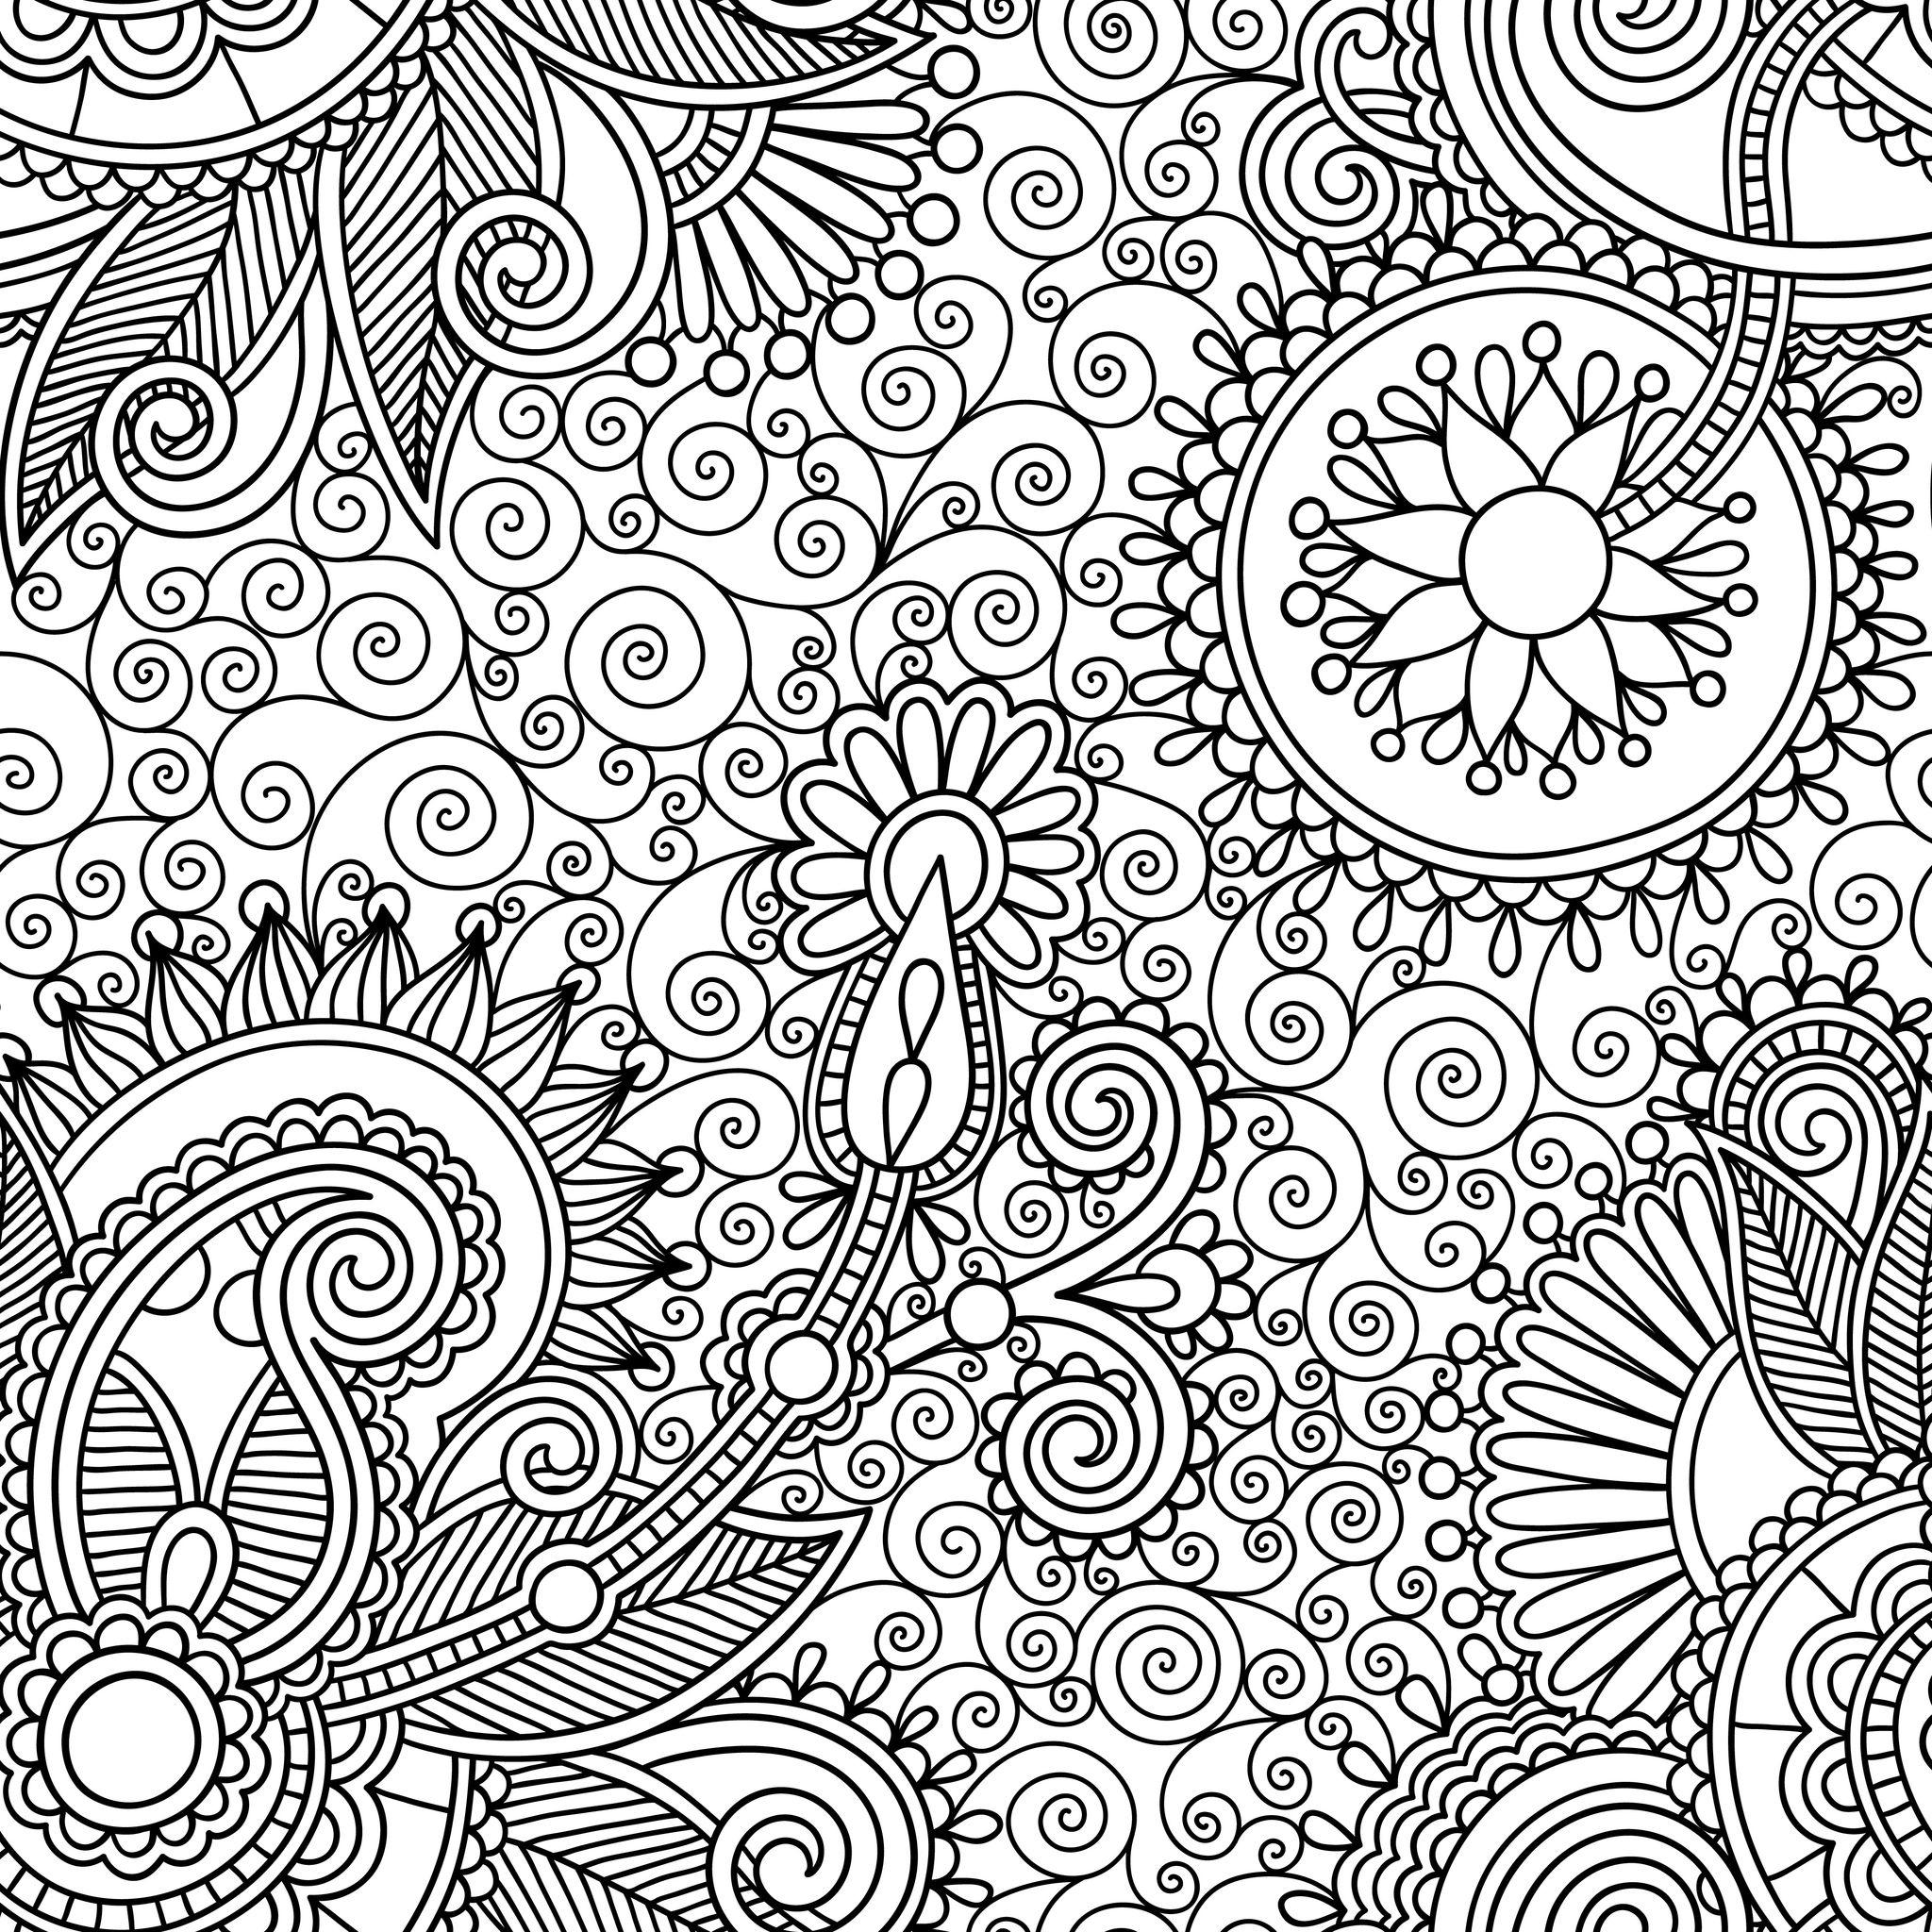 Dessins Gratuits À Colorier - Coloriage Zen À Imprimer tout Image Zen A Imprimer